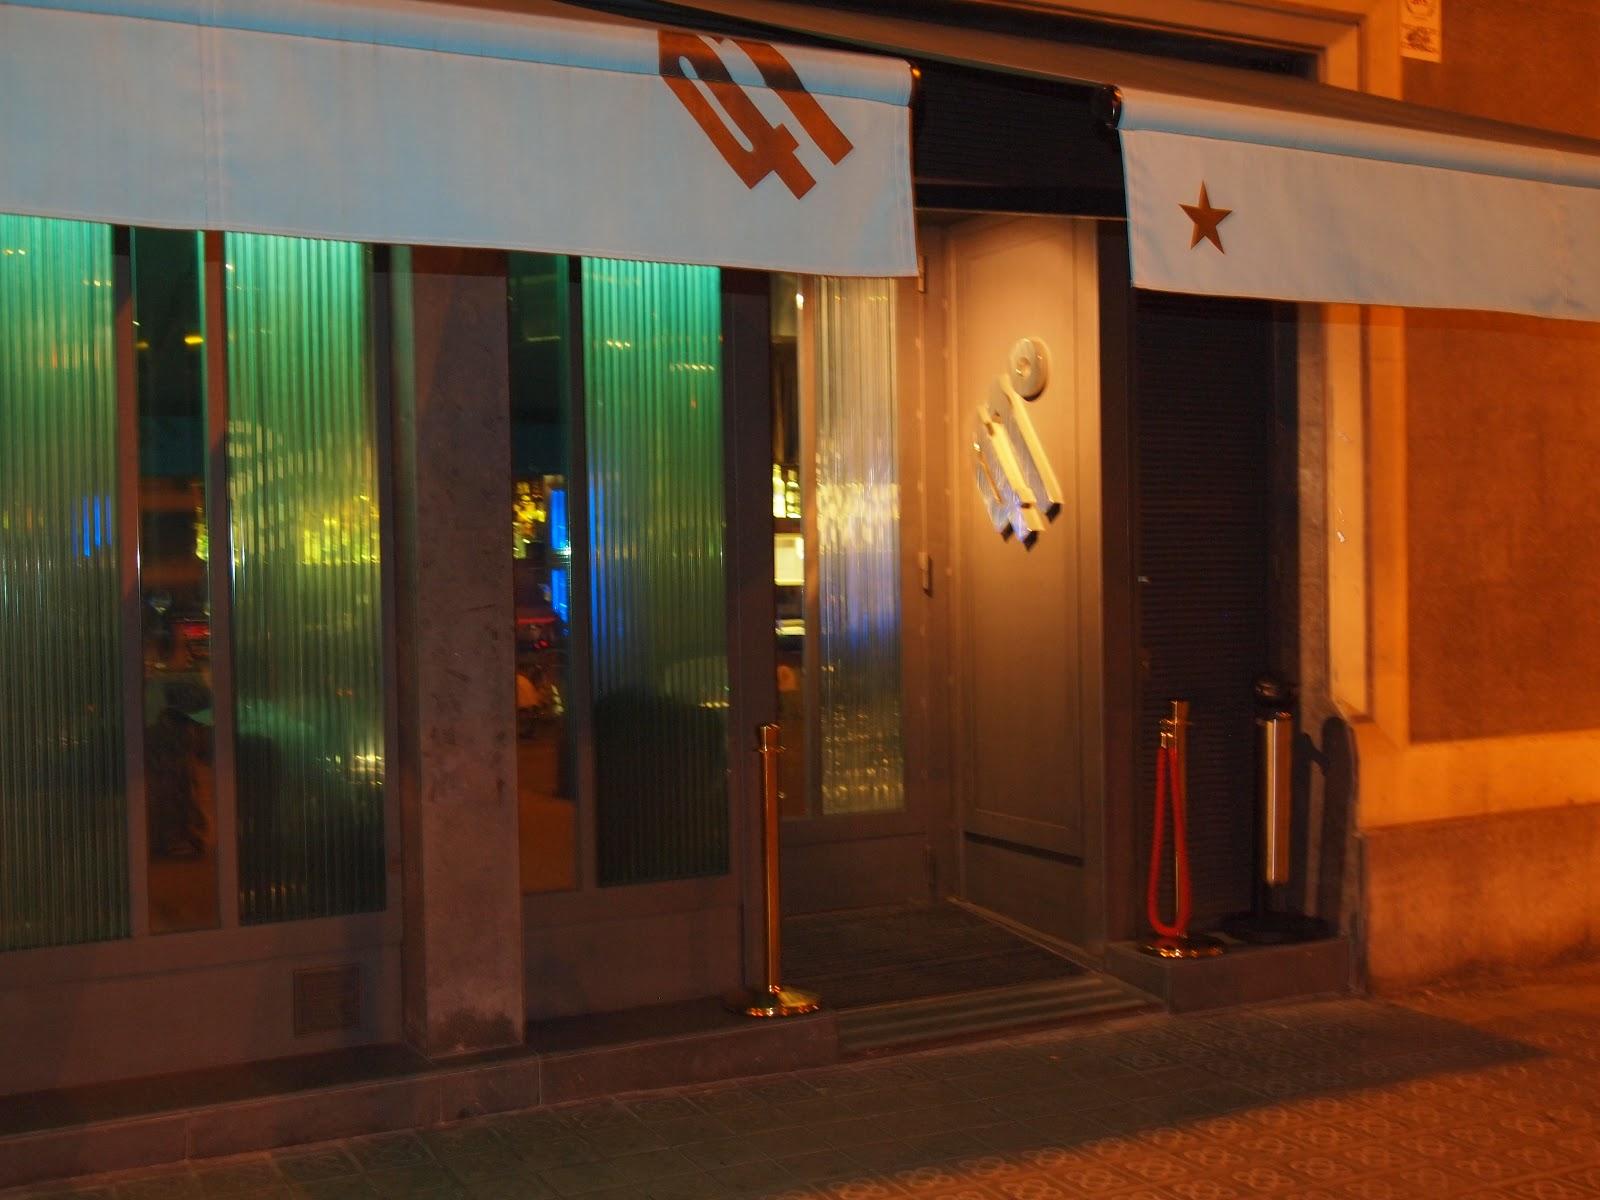 Cocina Creativa: 41° : Los SNACKS y POSTRES de elBulli (Barcelona)